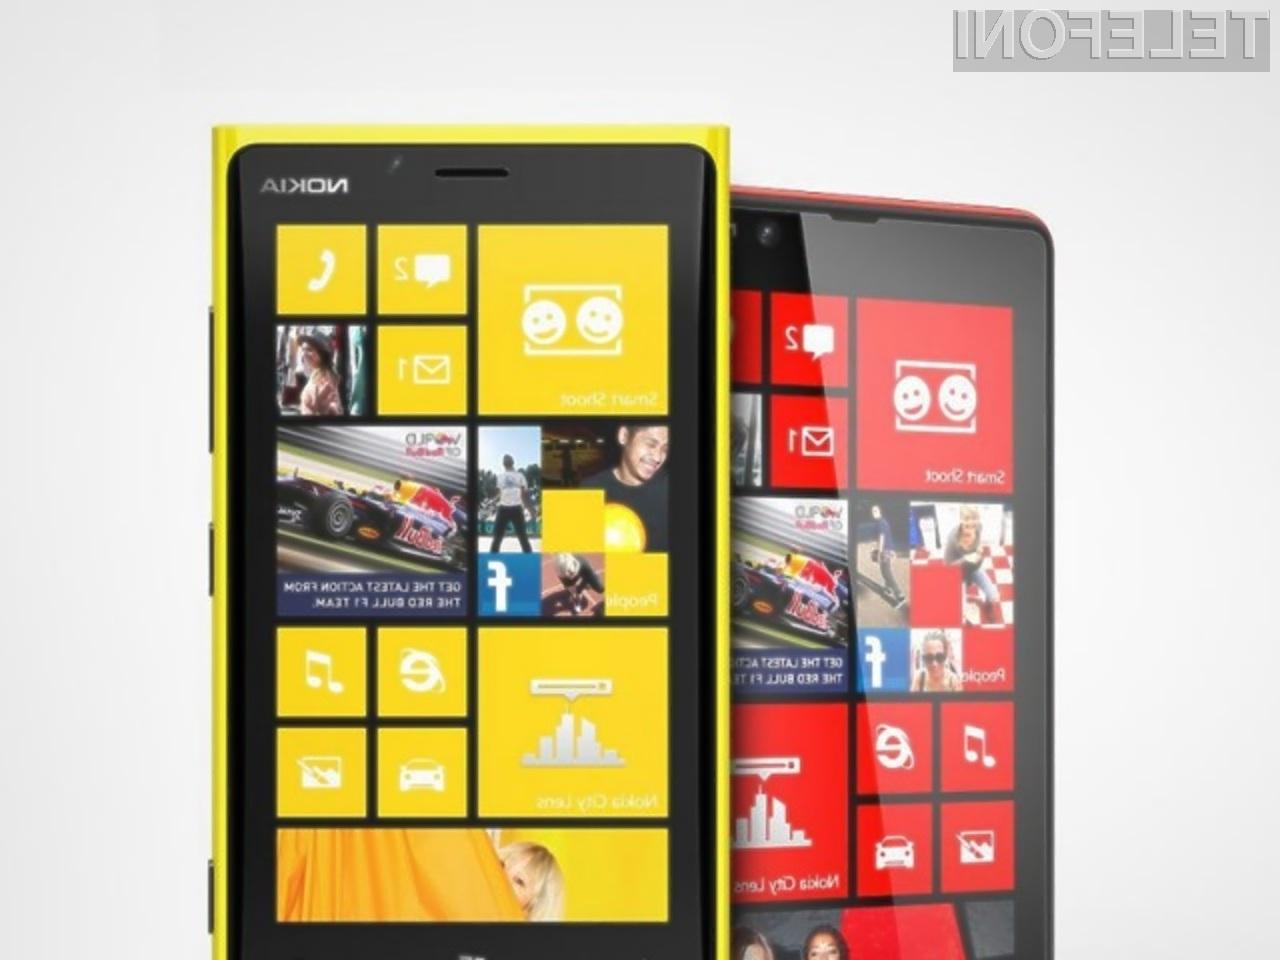 Vas je Nokia z mobilnikoma Lumia 920 in Lumia 820 prepričala?